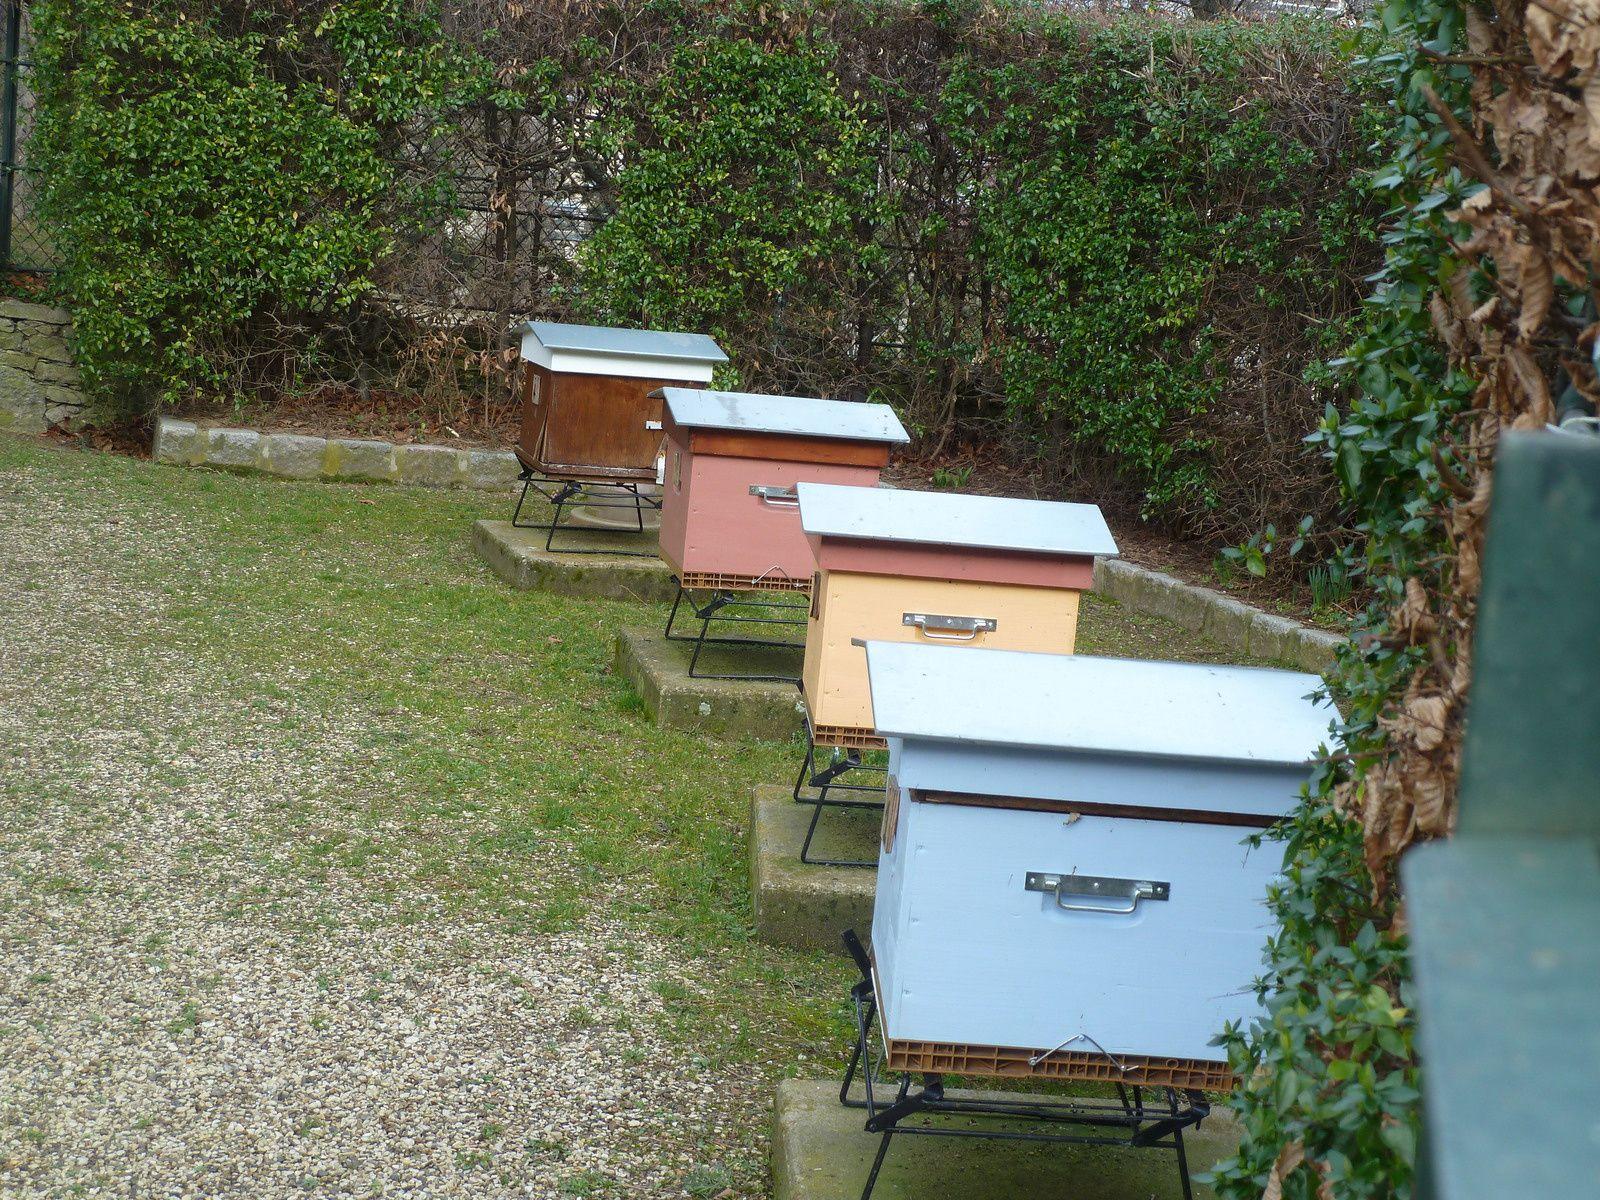 Comme dans beaucoup de jardins parisiens, des ruches sont installées, on dit que les abeilles parisiennes ont la chance de butiner des fleurs vierges de tous pesticides.